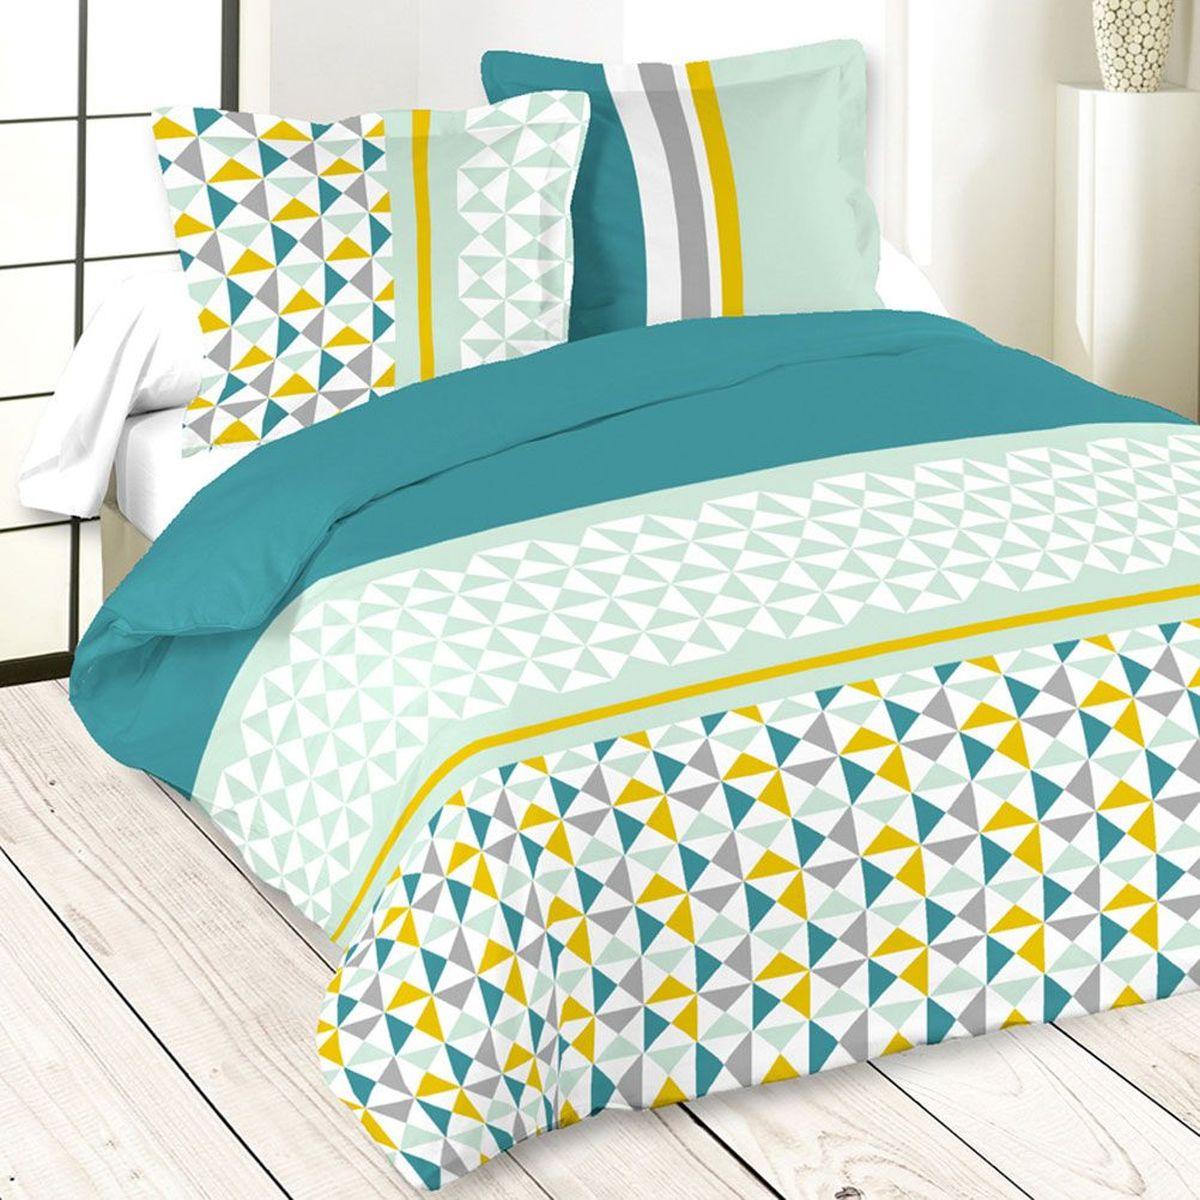 housse de couette isocle celadon et taies x cm with housse de couette yamaha. Black Bedroom Furniture Sets. Home Design Ideas